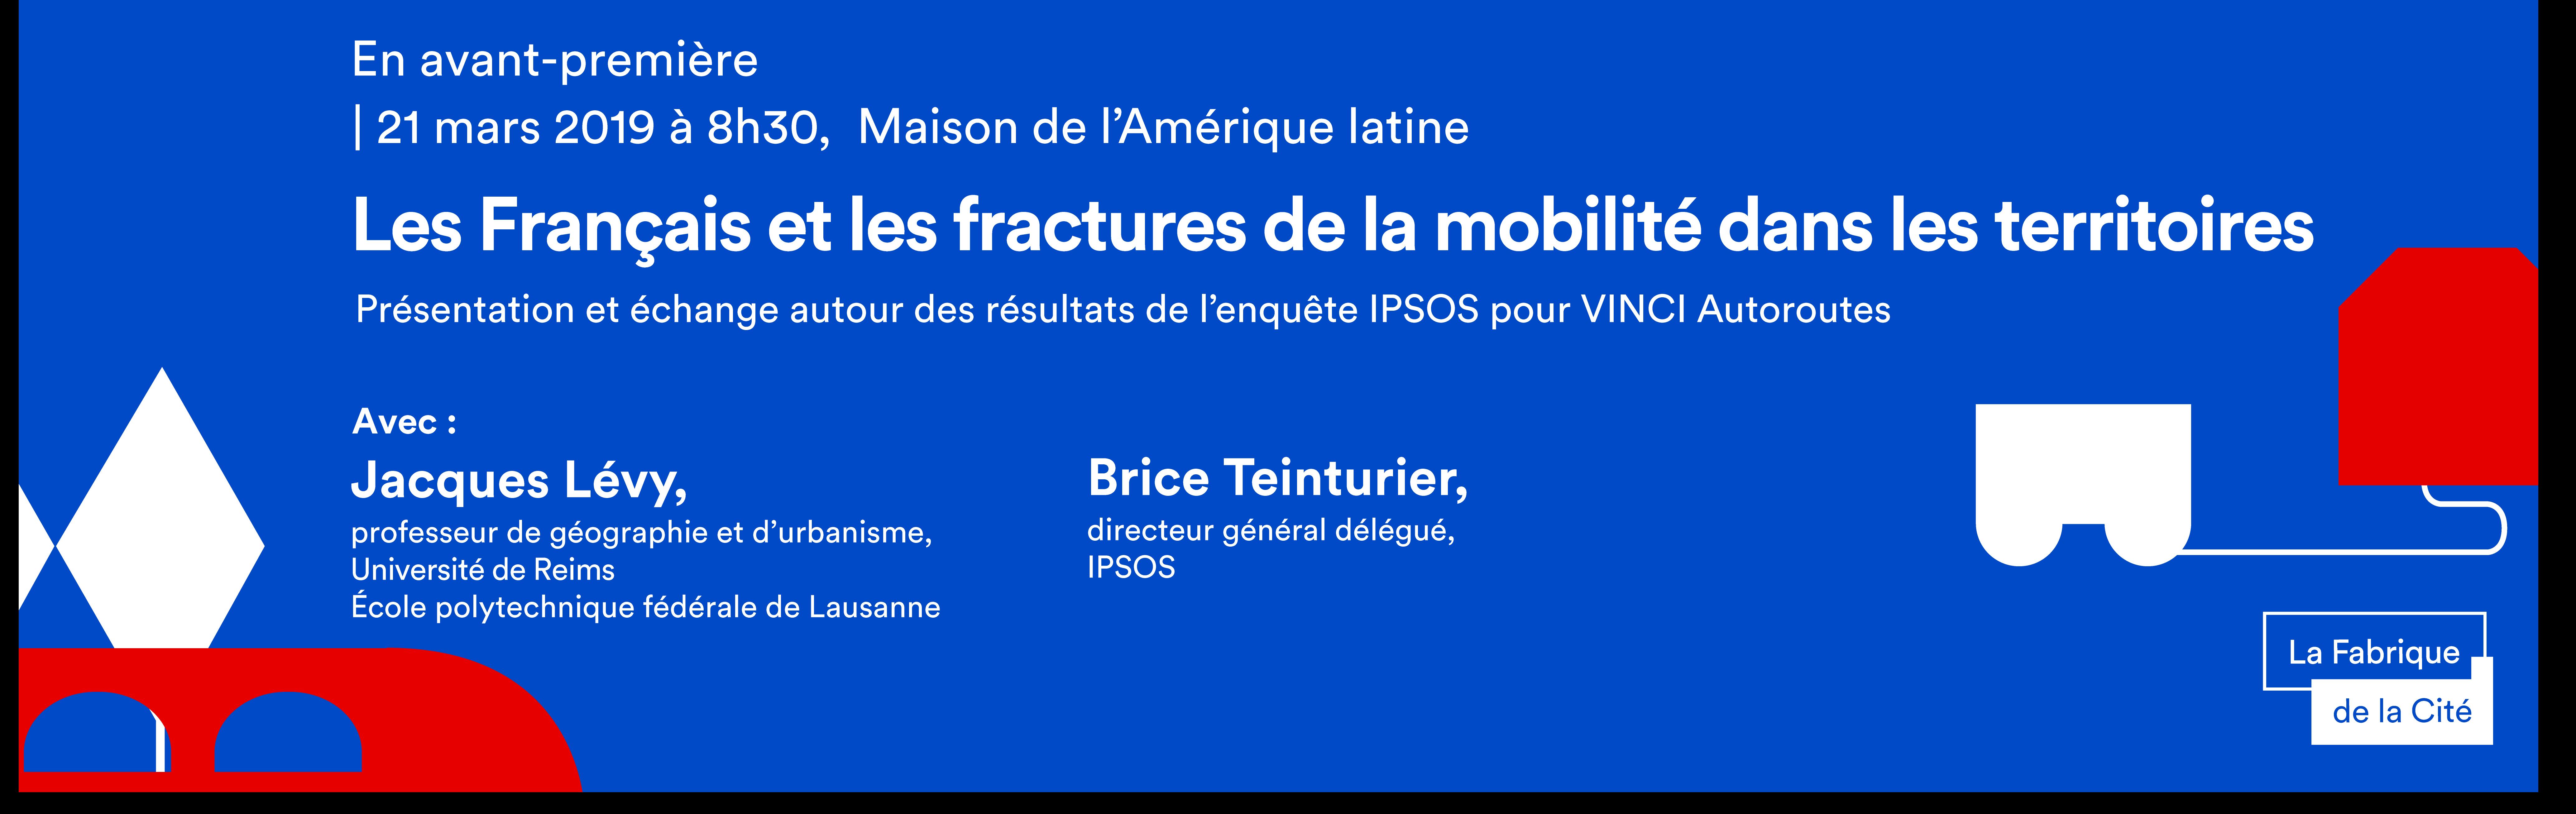 Les Français et les fractures de la mobilité dans les territoires